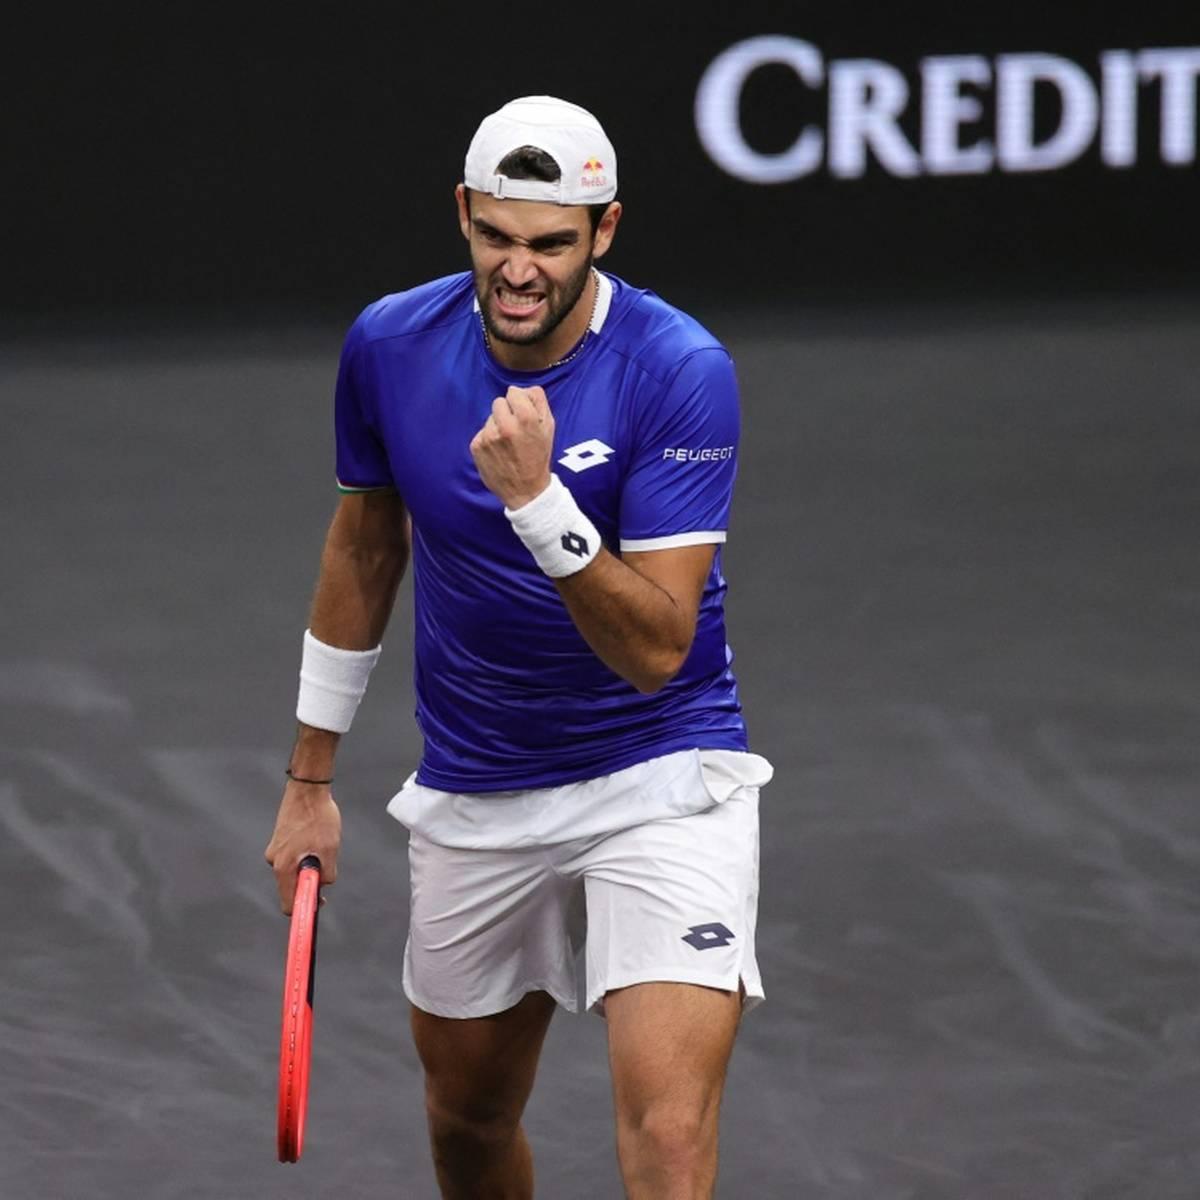 Auch Berrettini für ATP Finals qualifiziert